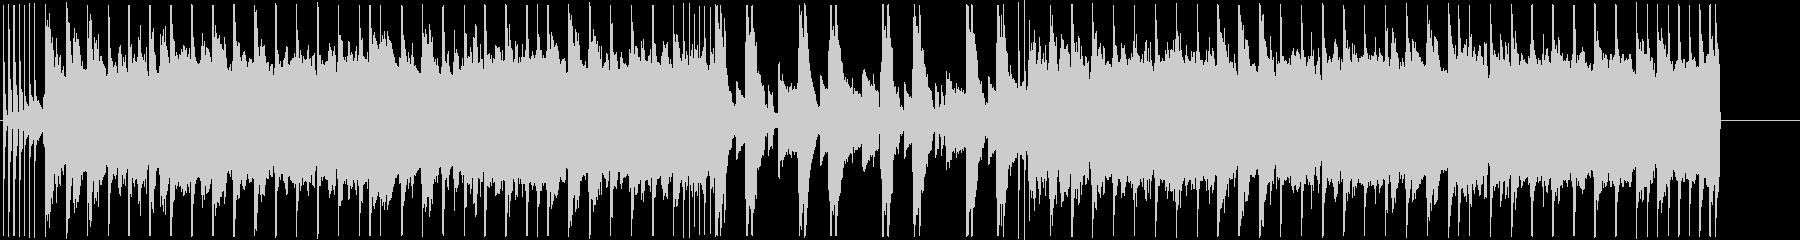 戦国ゲームに最適なハードロック ループ曲の未再生の波形